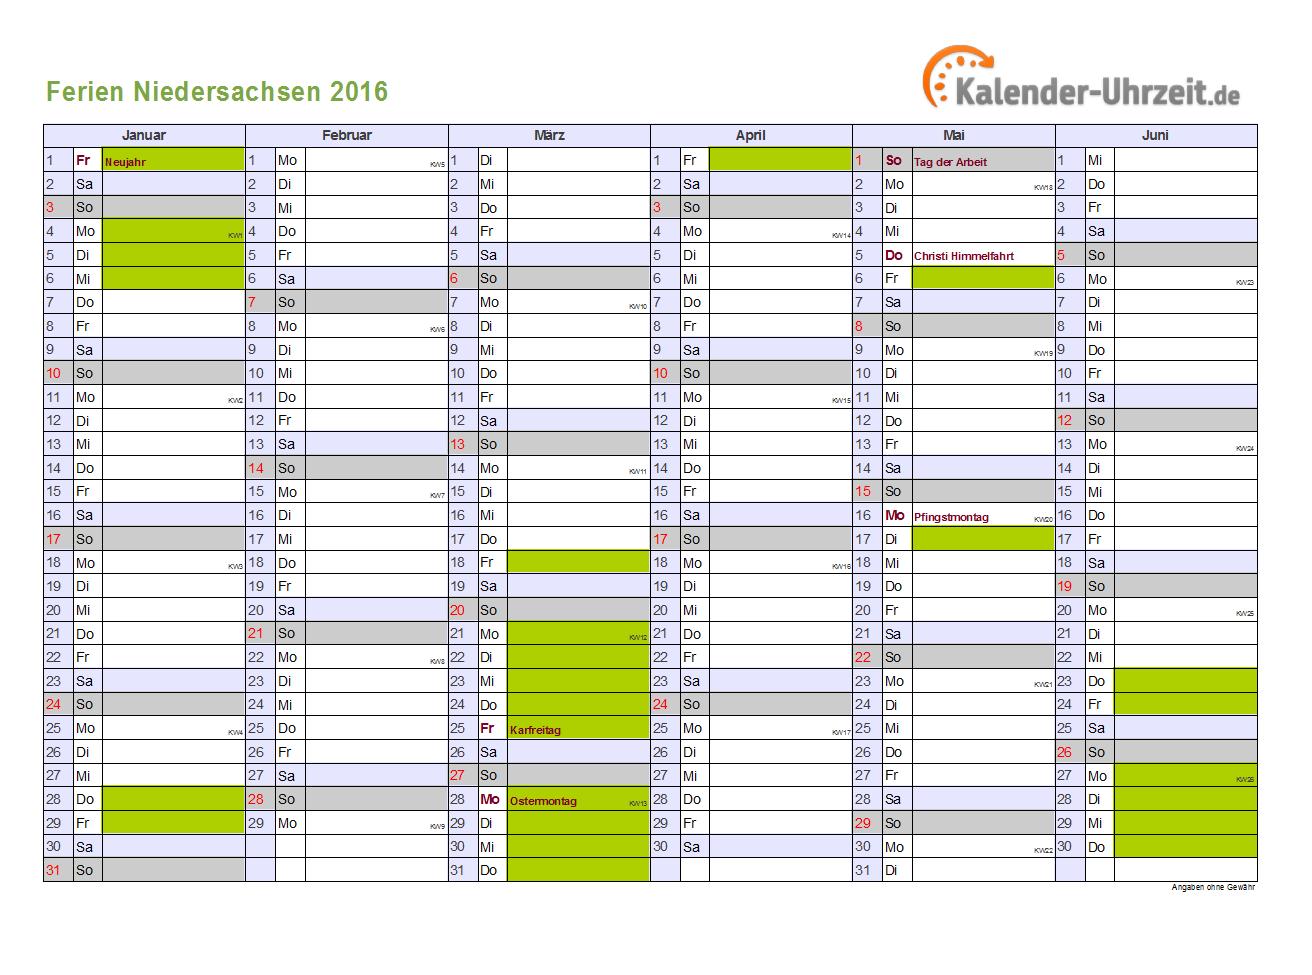 Ferienkalender 2016 Niedersachsen - DIN A4 Querformat, 2-seitig